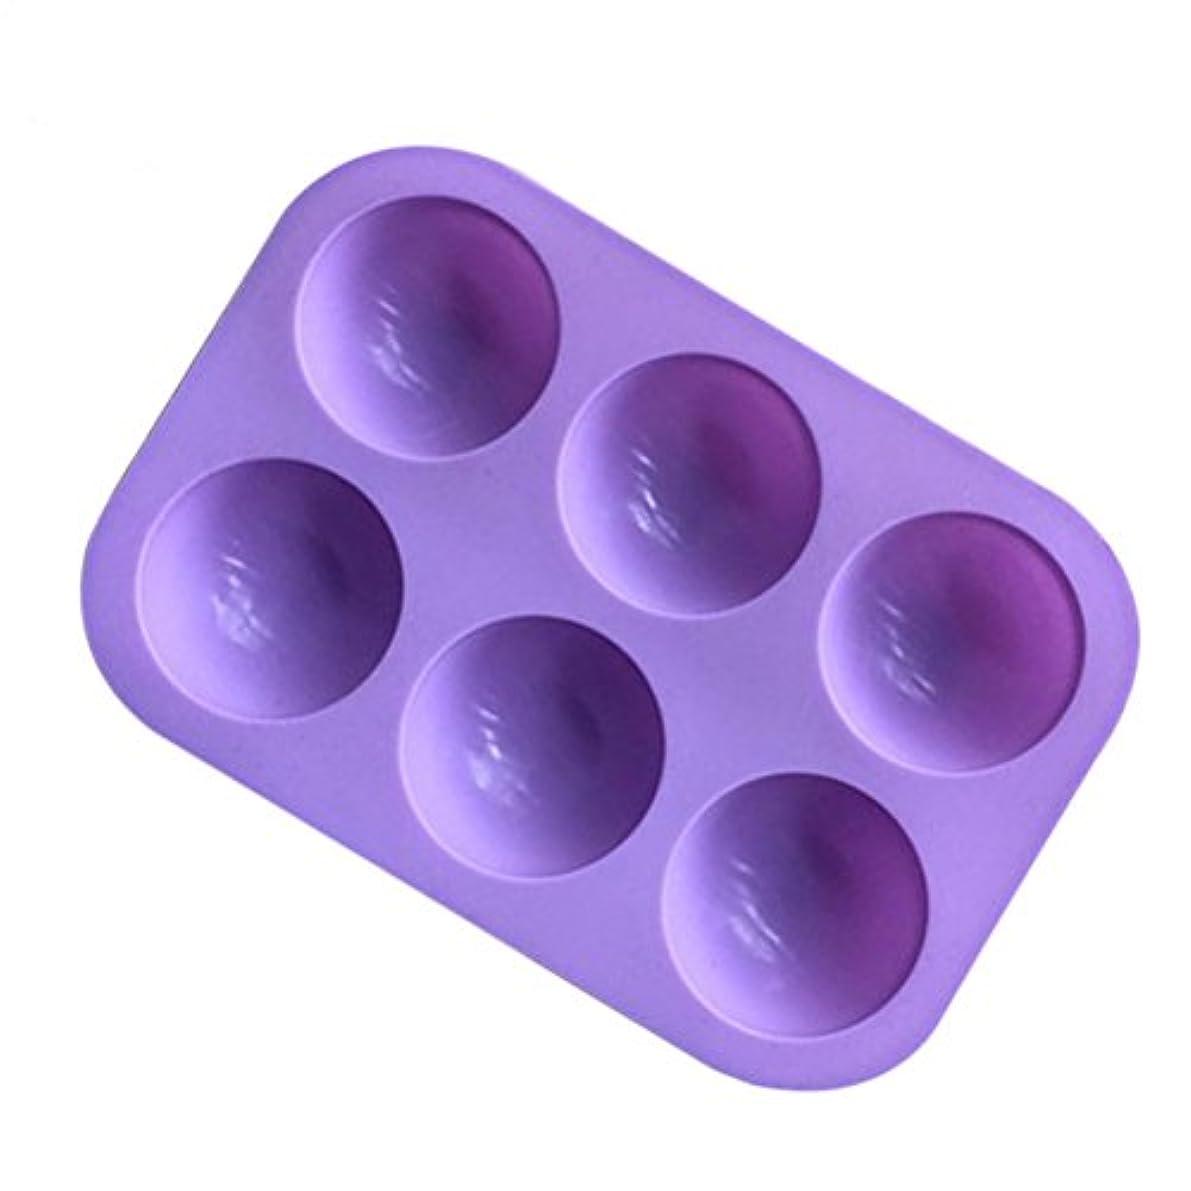 放出厚さライターBESTONZON シリコンソープモールド半円マフィンパンカップケーキキャンディモールドケーキチョコレートモールドベーキングモールド6個のキャビティ(紫色)